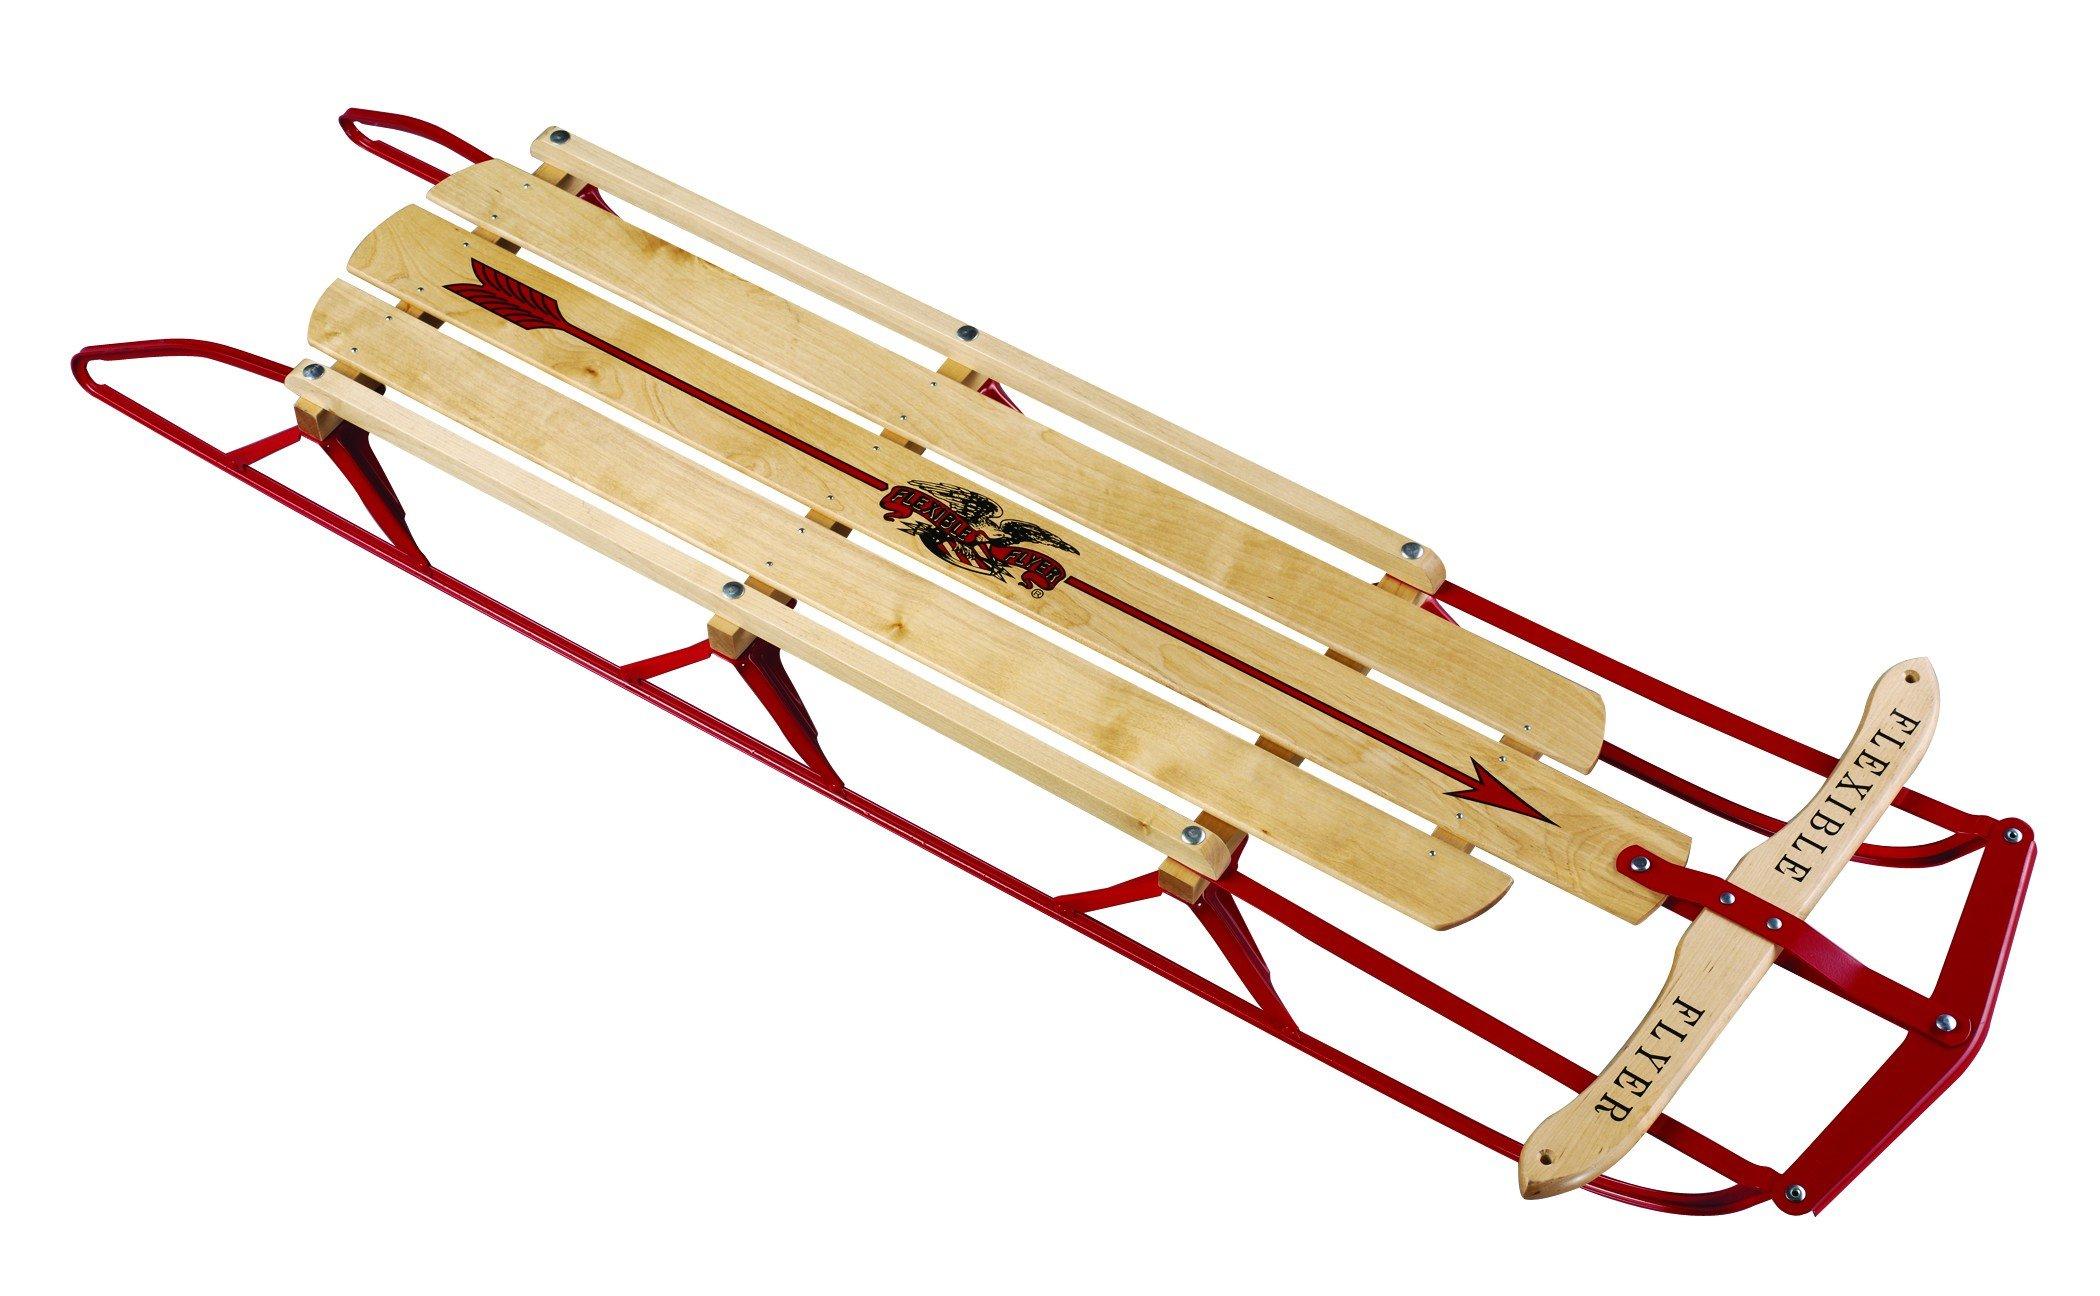 Flexible Flyer 60 Inch Steel Runner Sled, Beige by Flexible Flyer